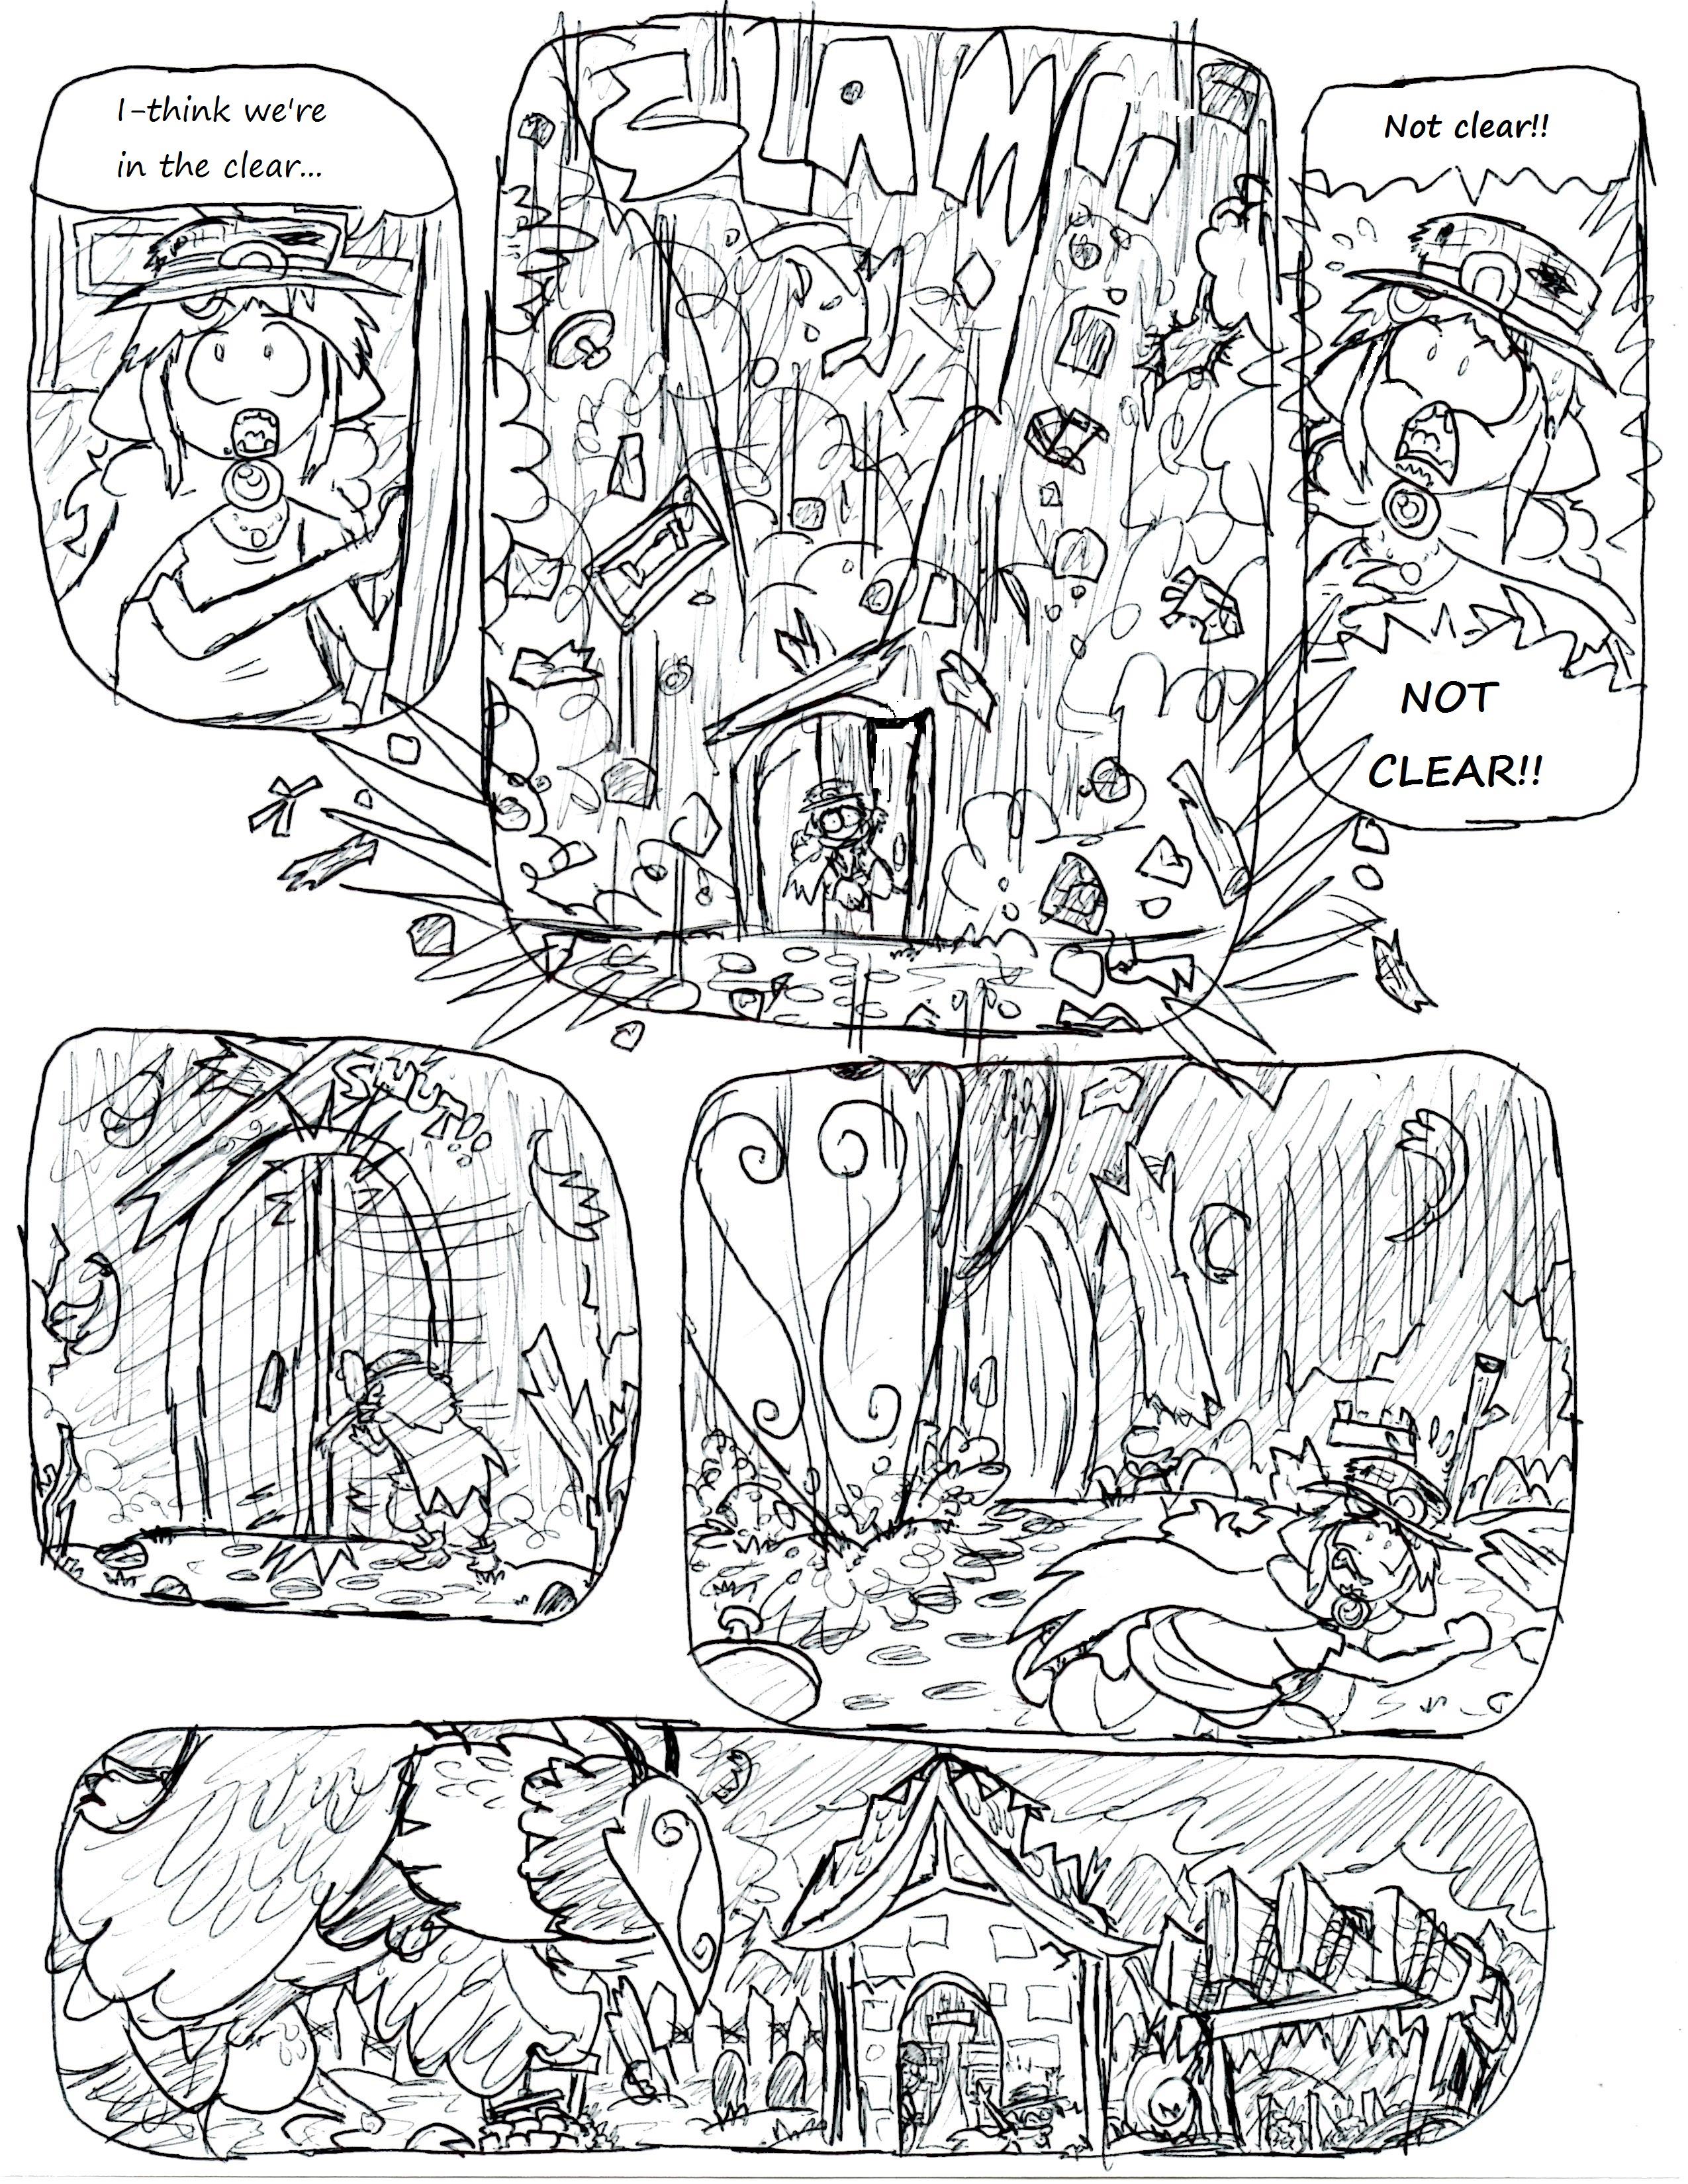 COV8 Page 47